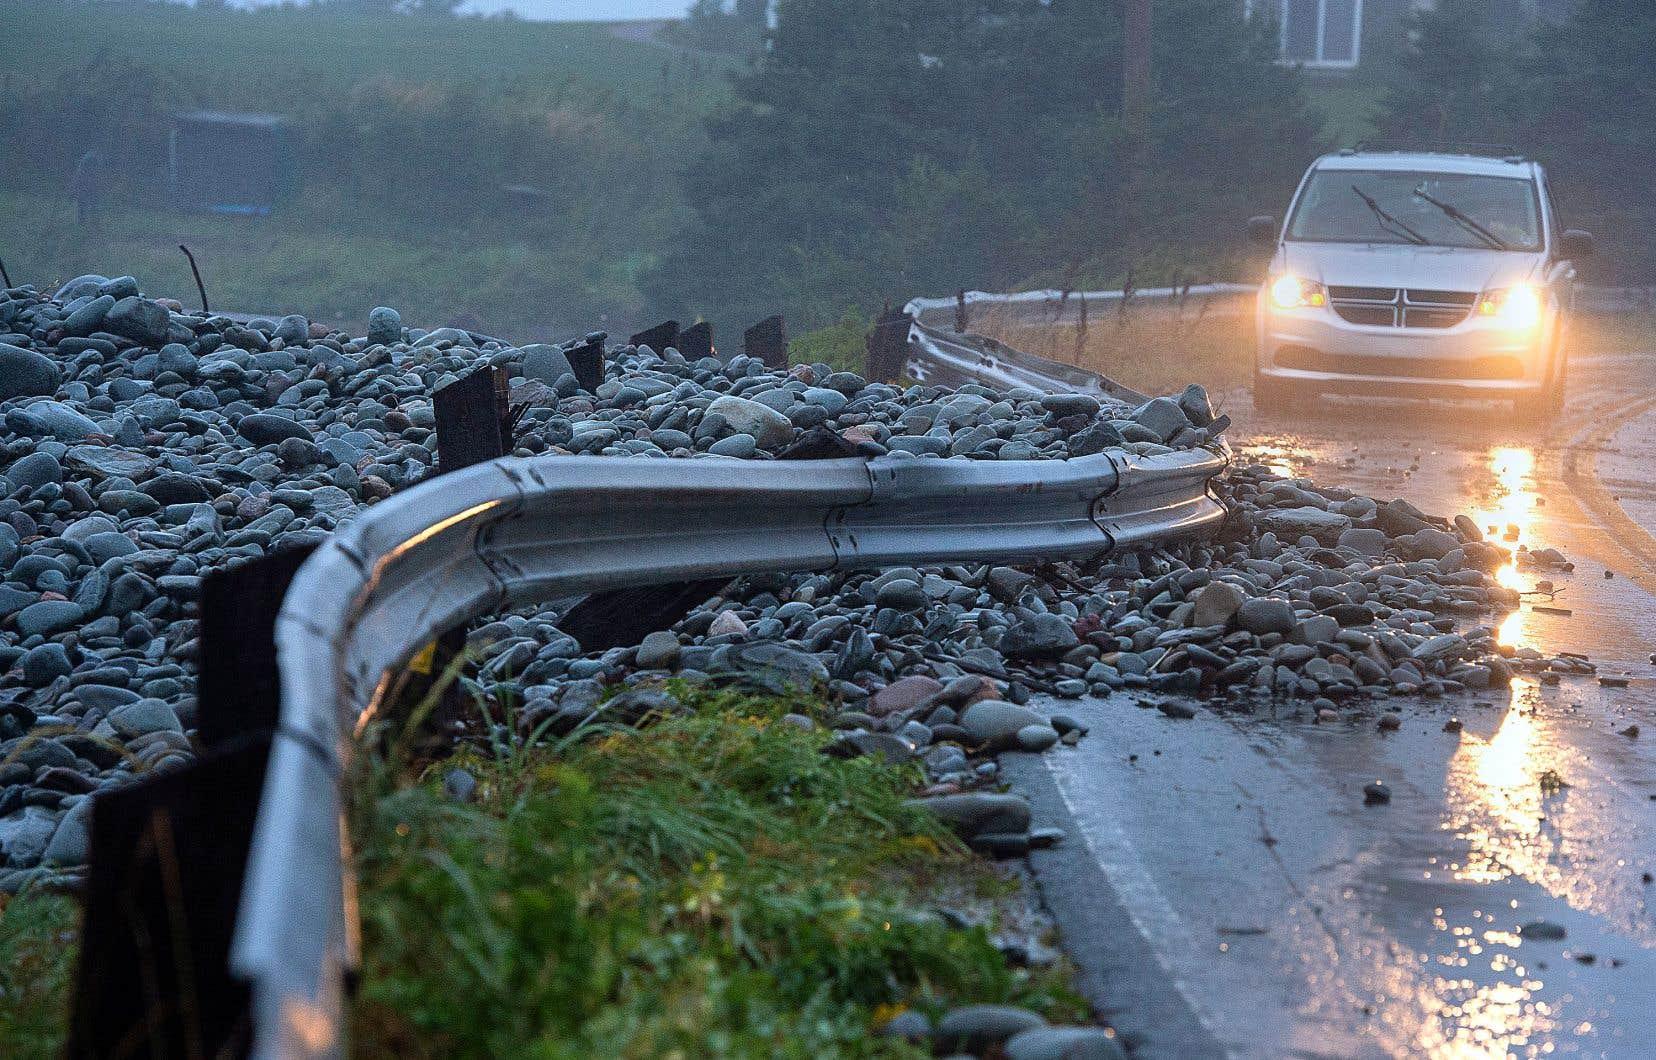 Un dollar investi dans l'adaptation aux changements climatiques rapporte de 2 à 10$ de bénéfices en matière de réduction des dommages futurs, estime la Commission mondiale sur l'adaptation. Sur la photo, des dommages causés par la tempête «Dorian» en Nouvelle-Écosse samedi.